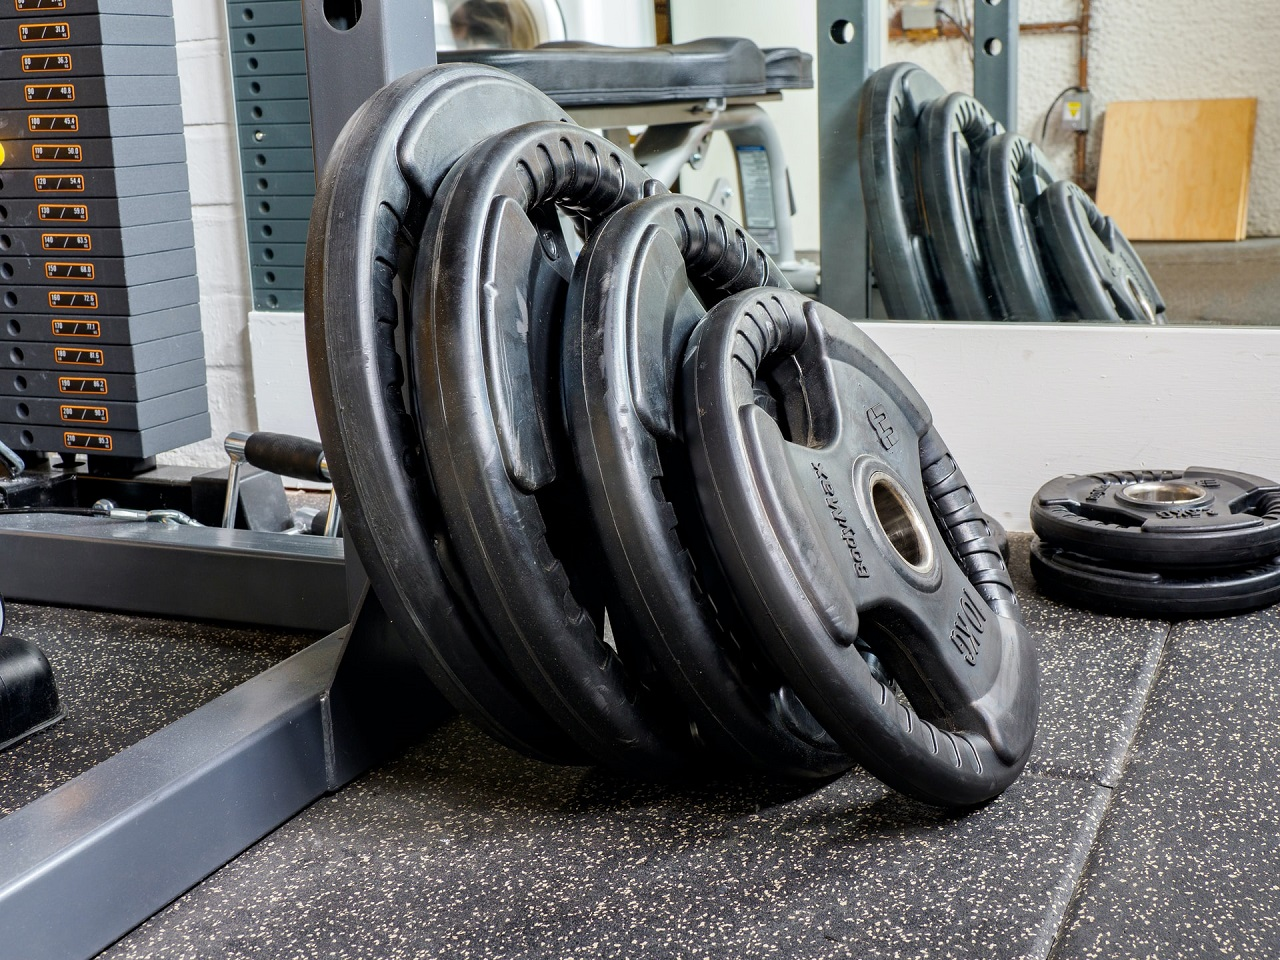 Übertreibe es nicht mit dem Gewicht beim trainieren mit der Beinpresse.